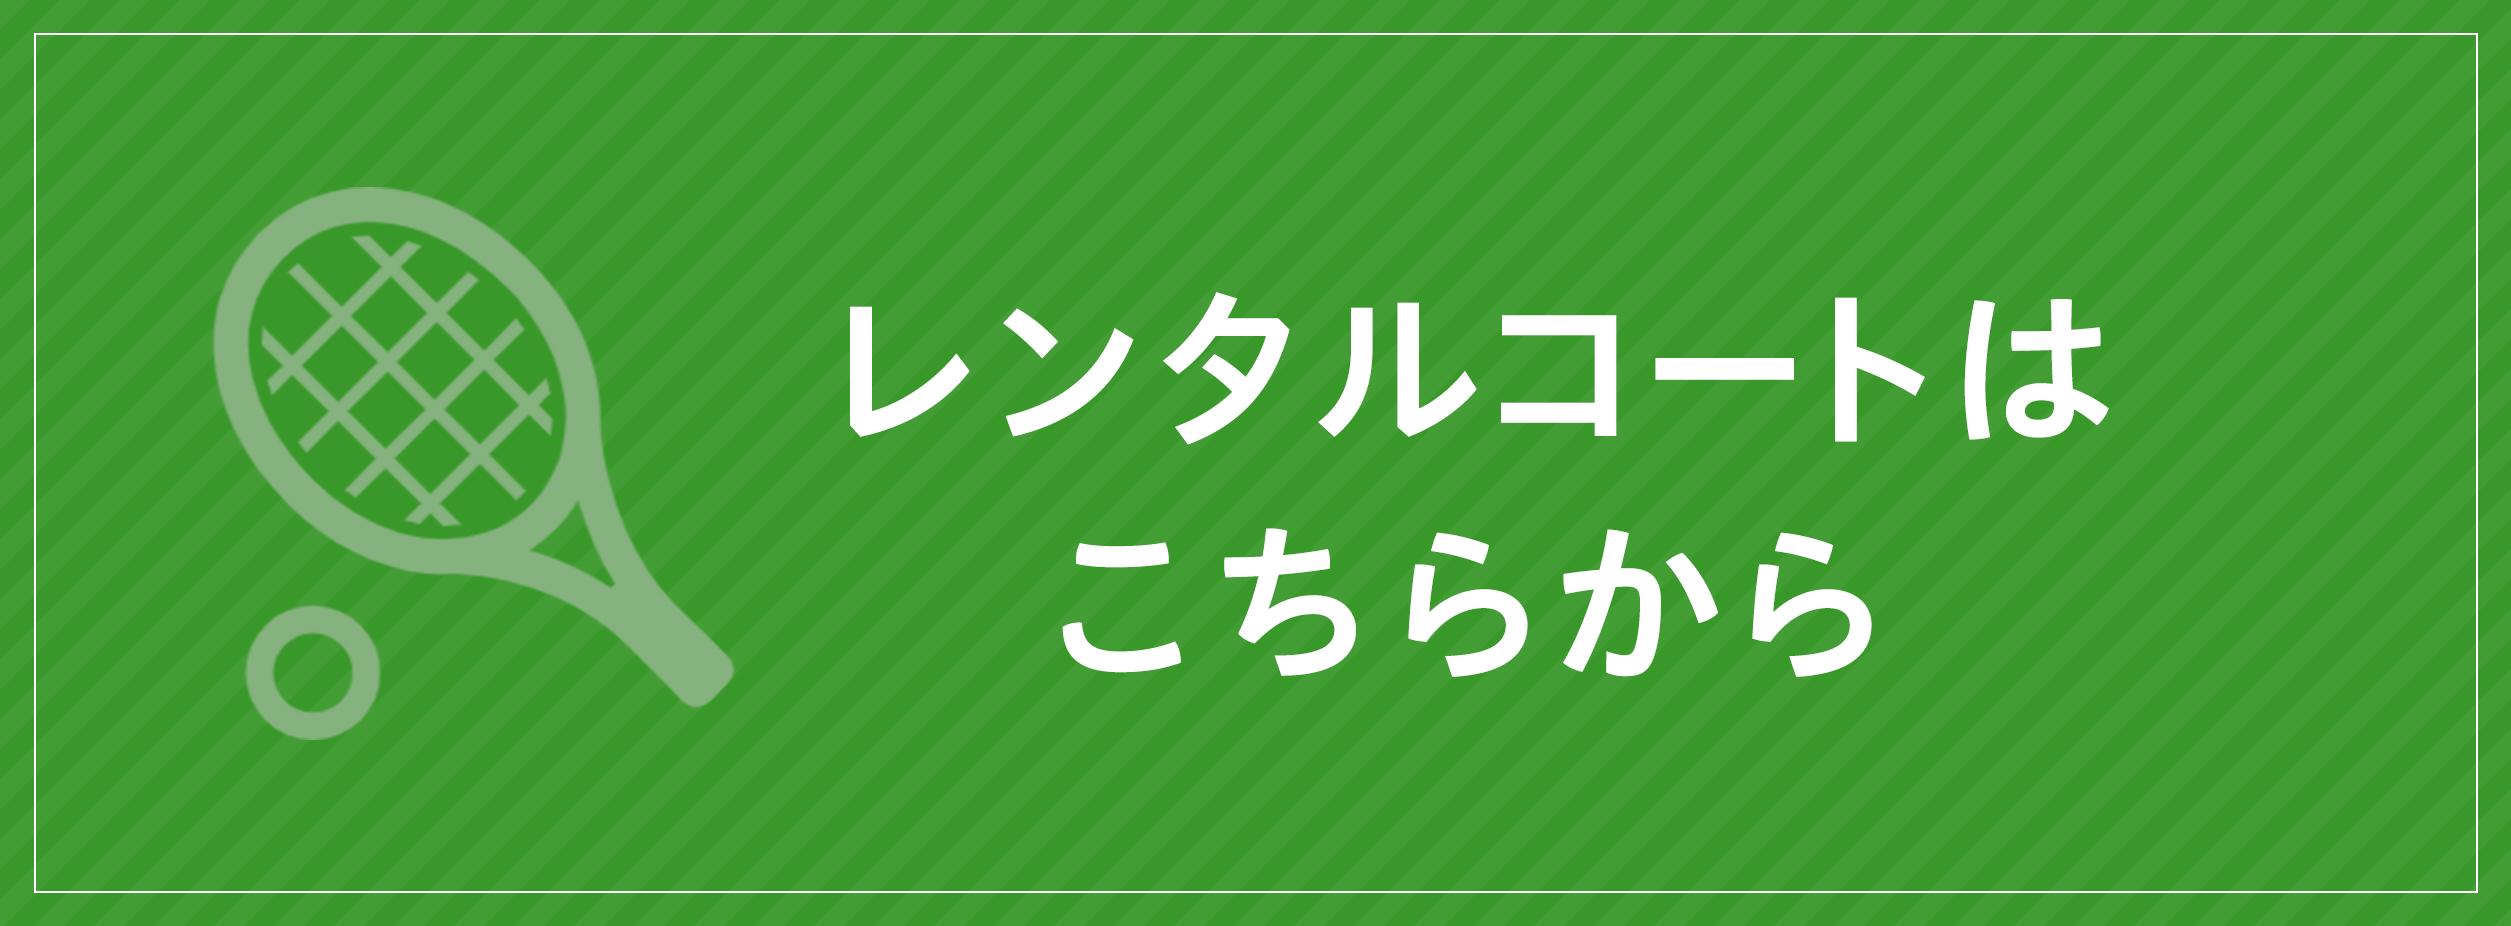 メガロス 玉川学園テニススクール店イメージ